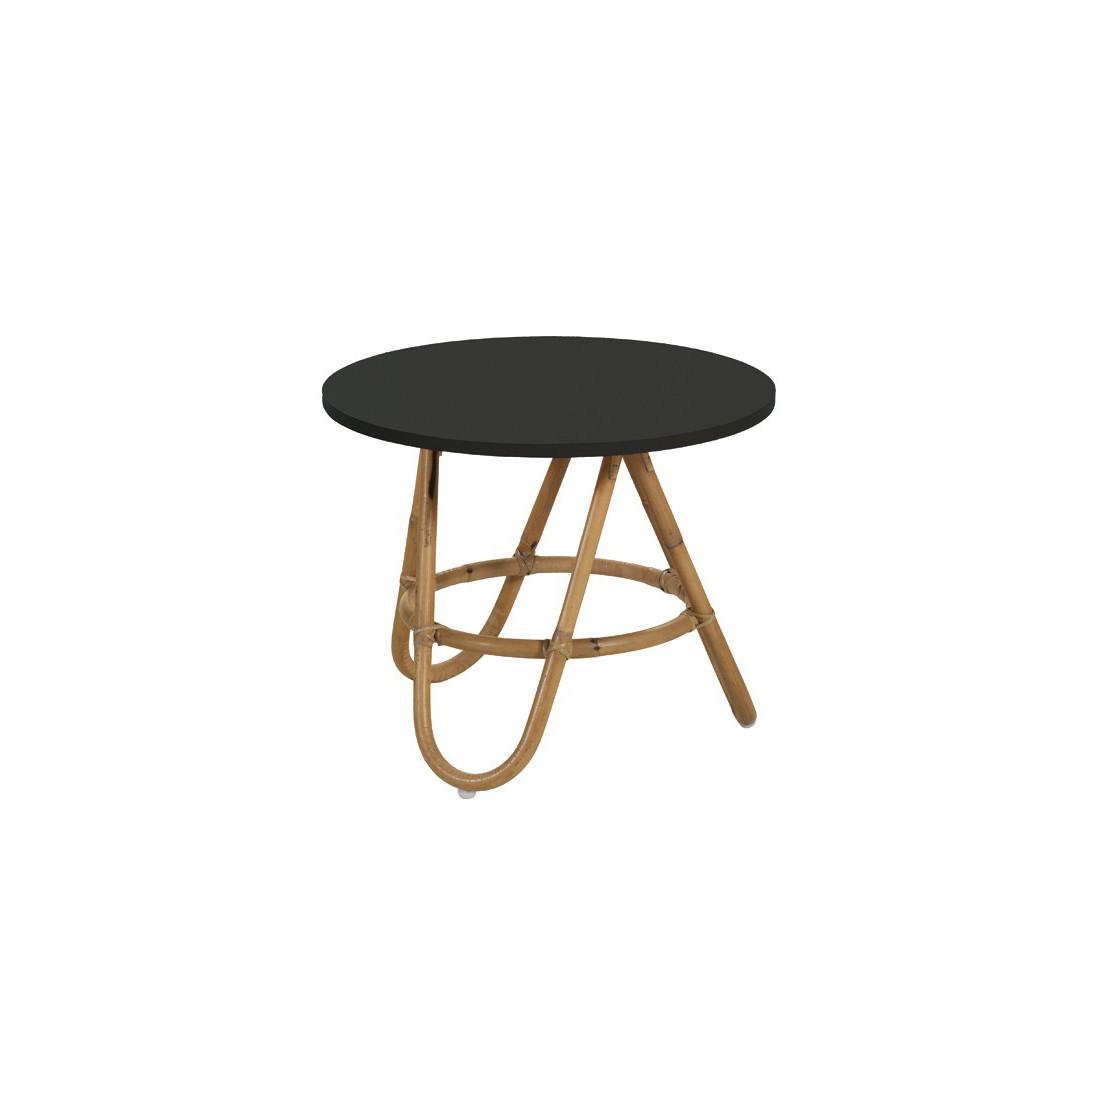 Table basse en rotin diabolo plateau noir - Table basse en rotin ...